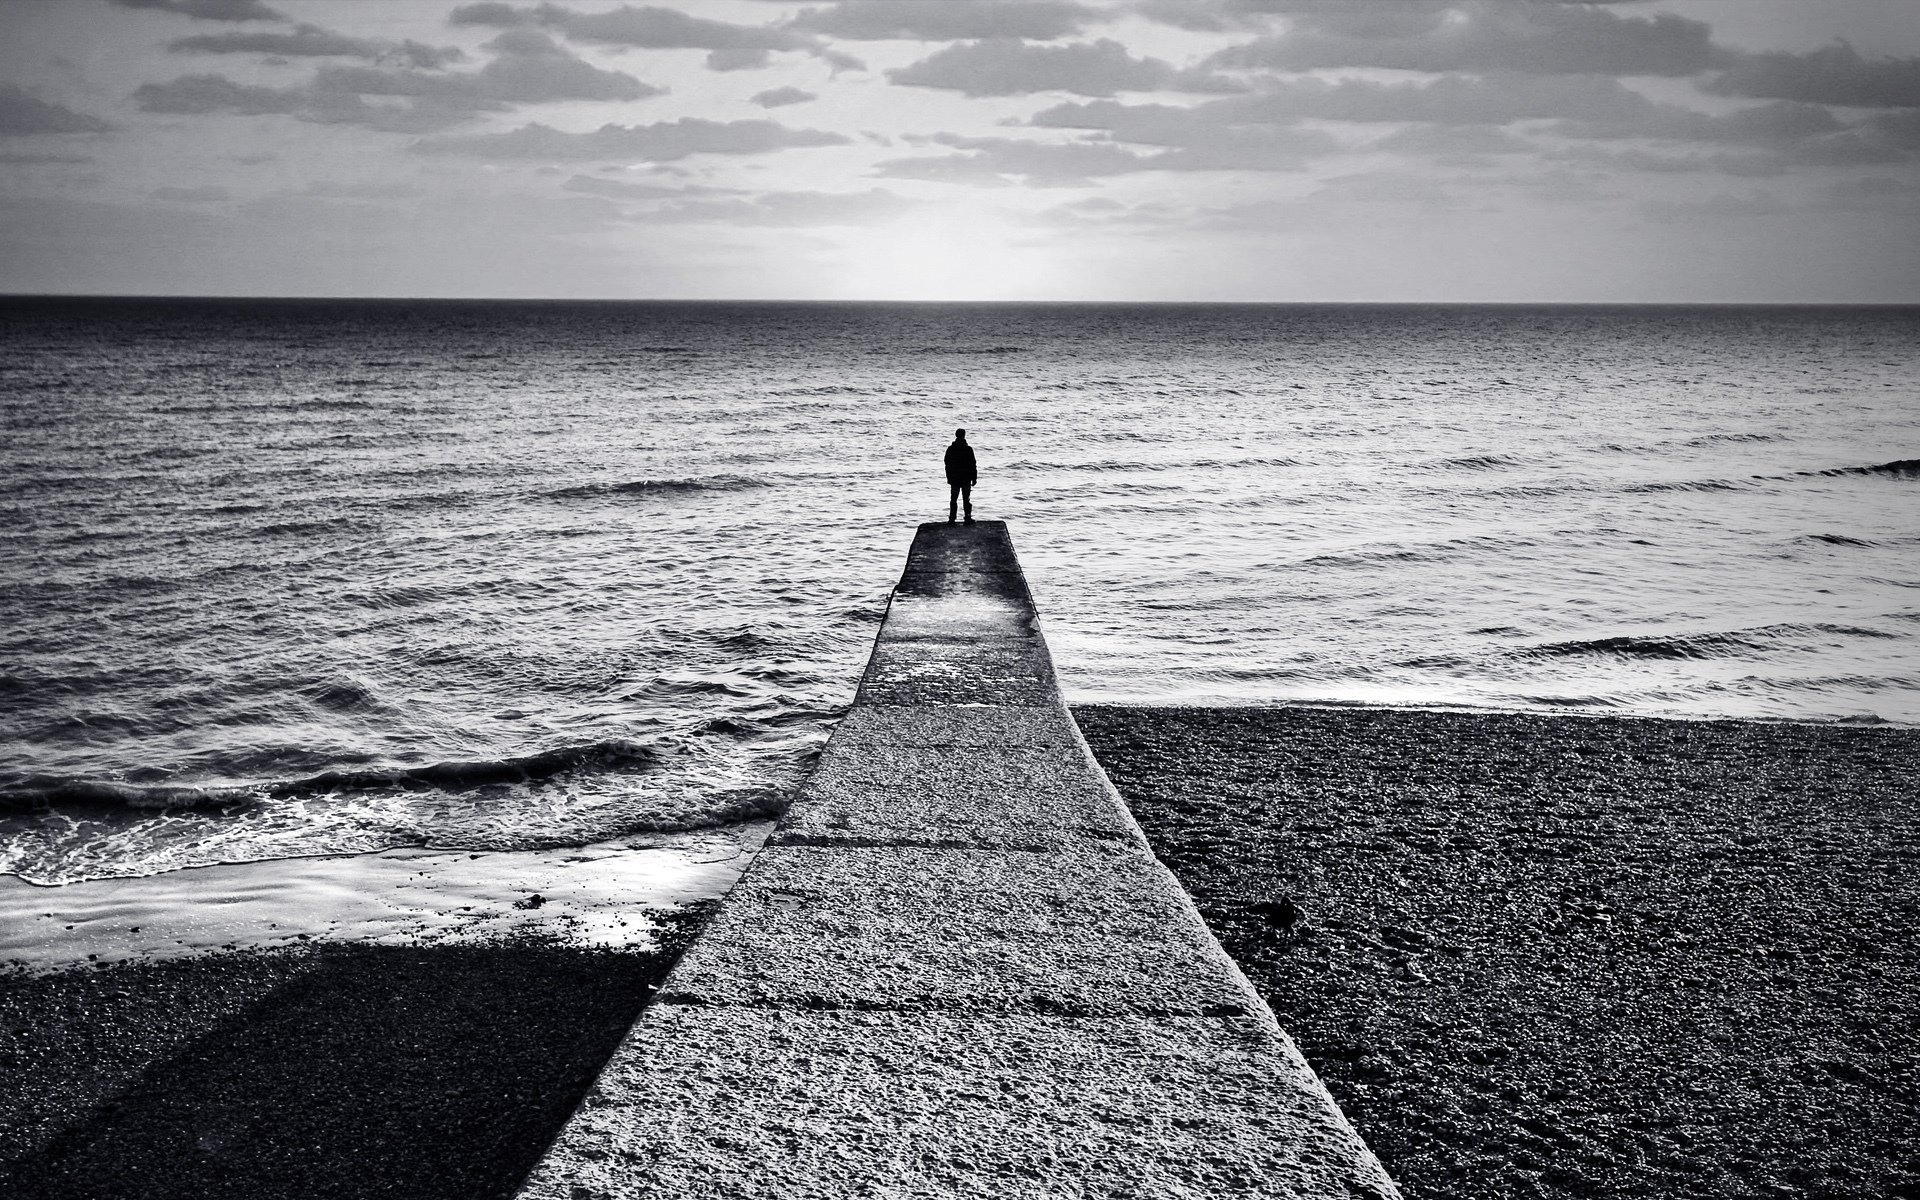 Hình ảnh chàng trai cô đơn lạc lõng nhất trong cuộc sống